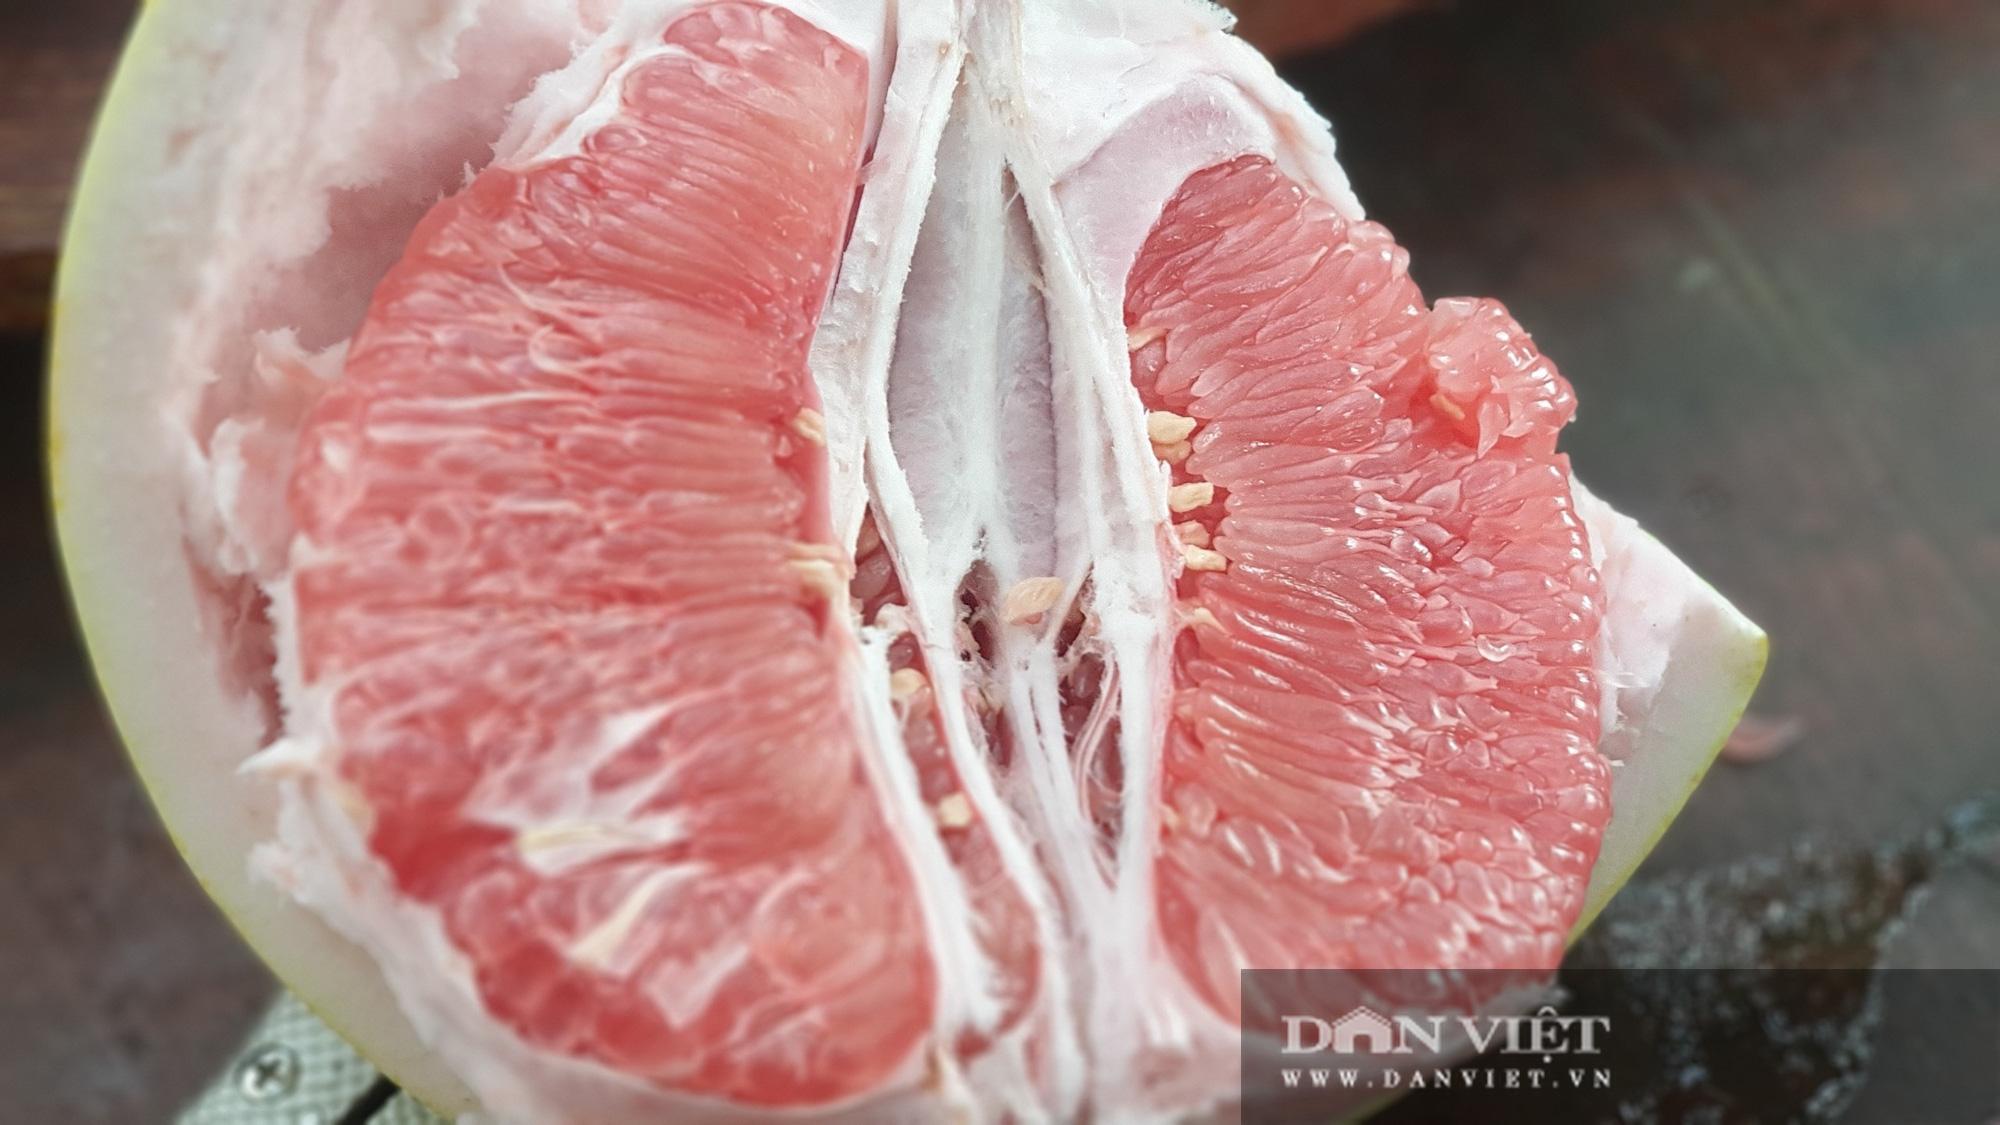 Rất lạ: Trái bưởi màu hồng rất to, treo từng chùm trong vườn nhìn đã mắt ở miền Tây - Ảnh 6.